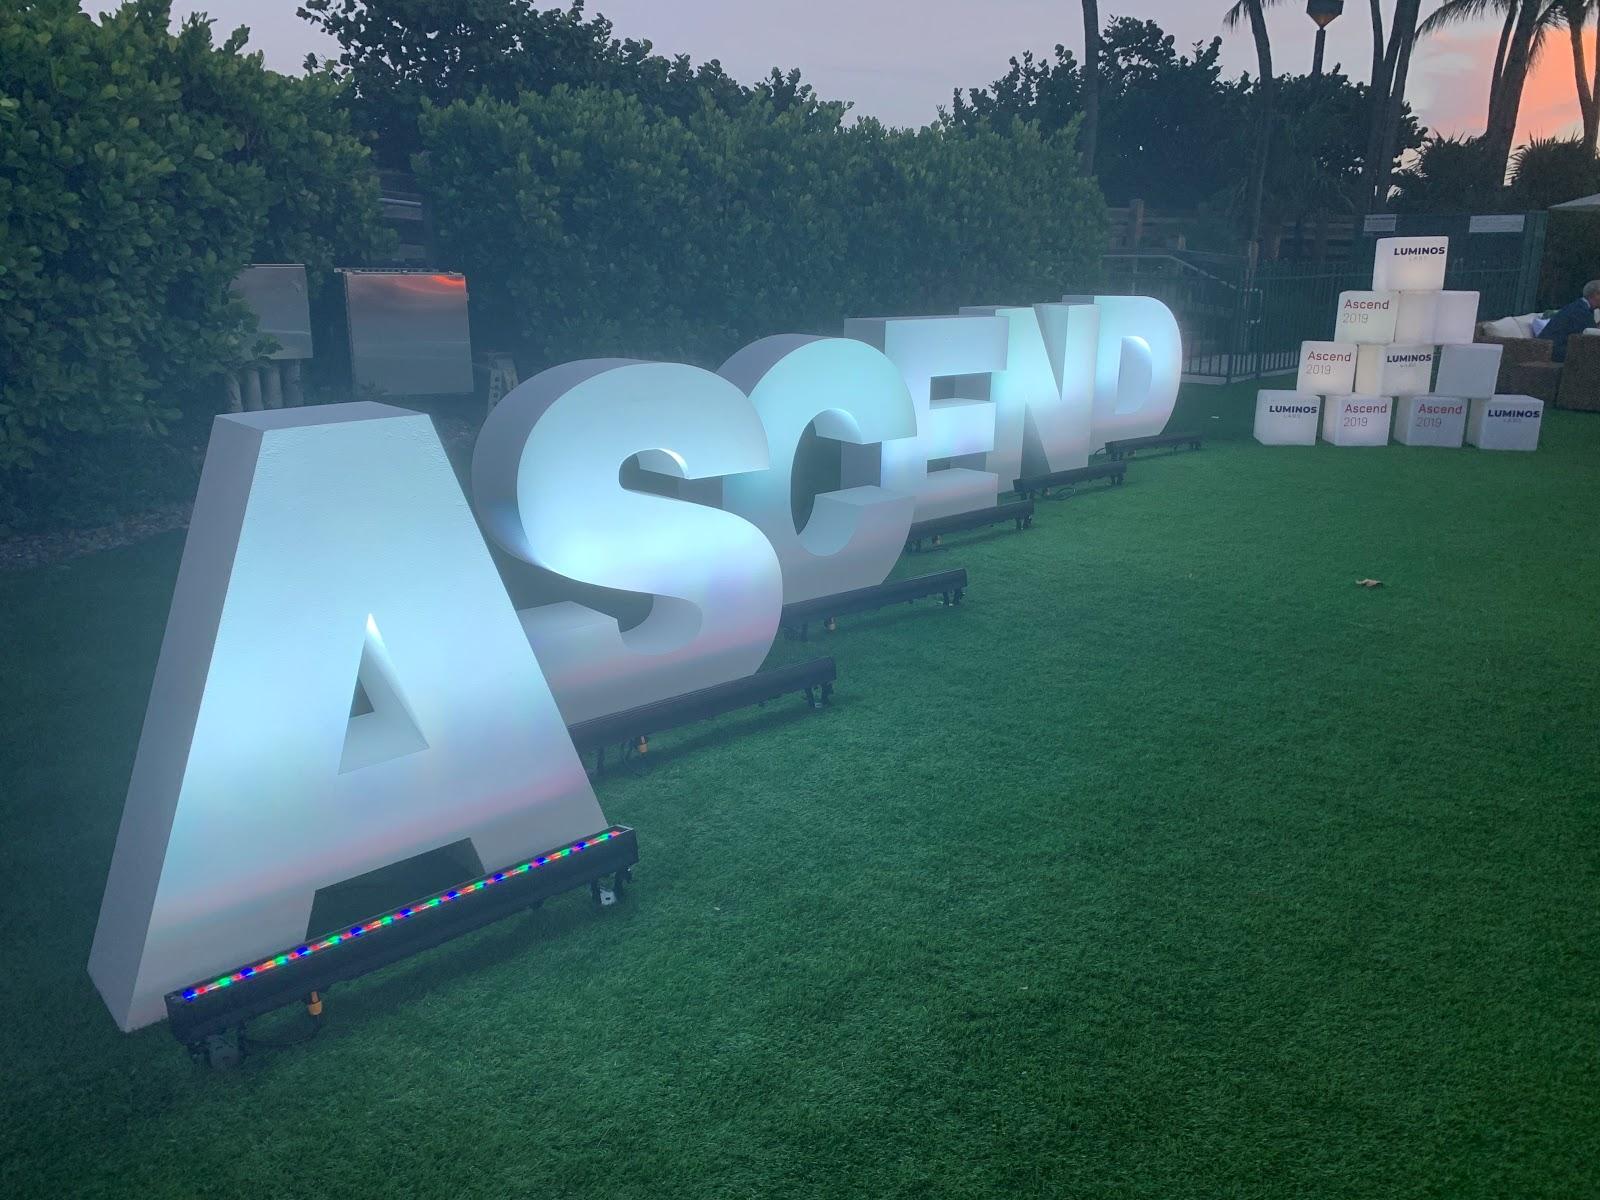 Epi Ascend 2019